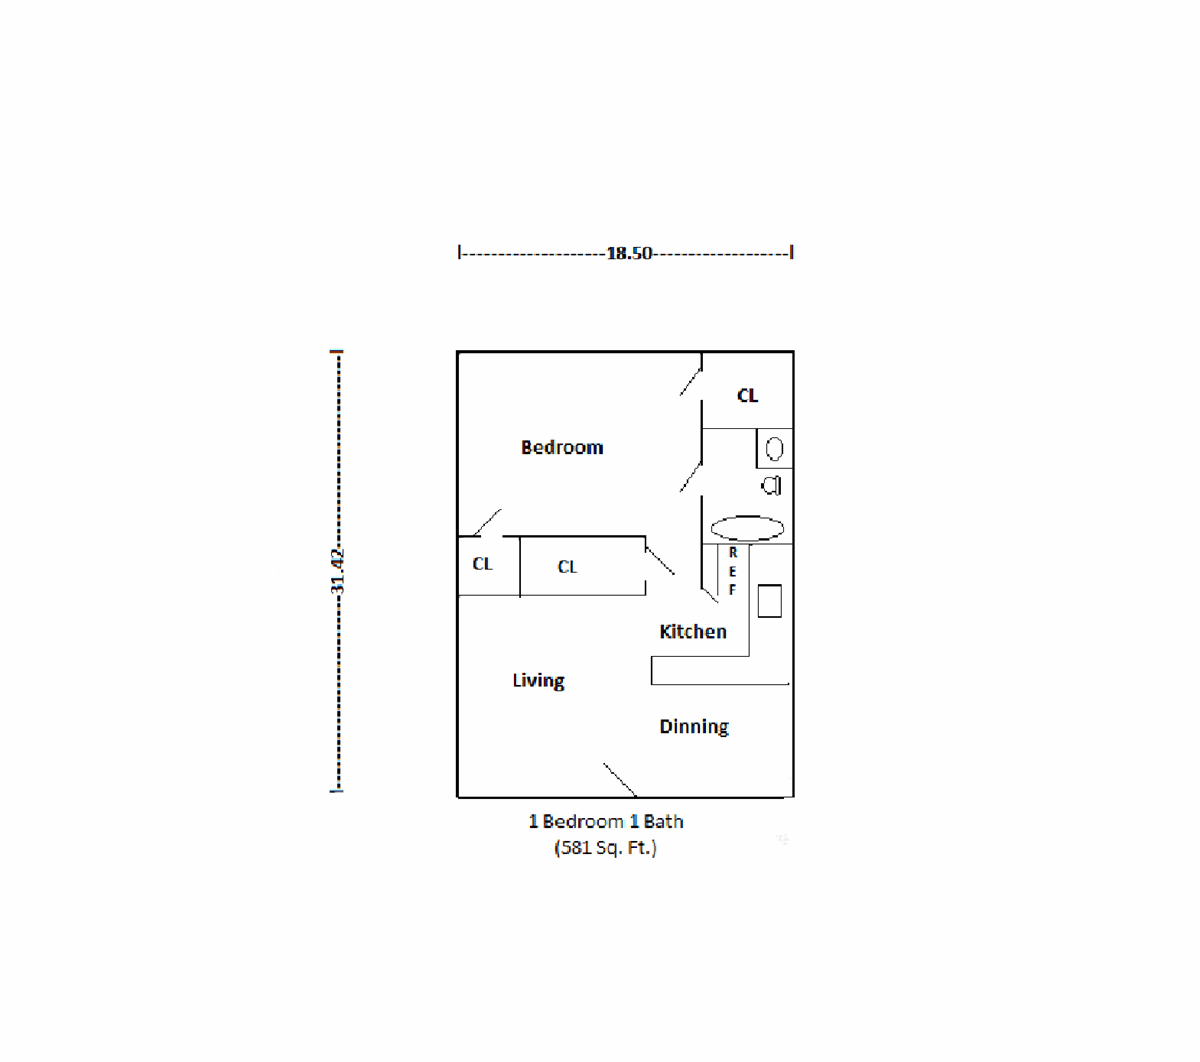 581 sq. ft. floor plan